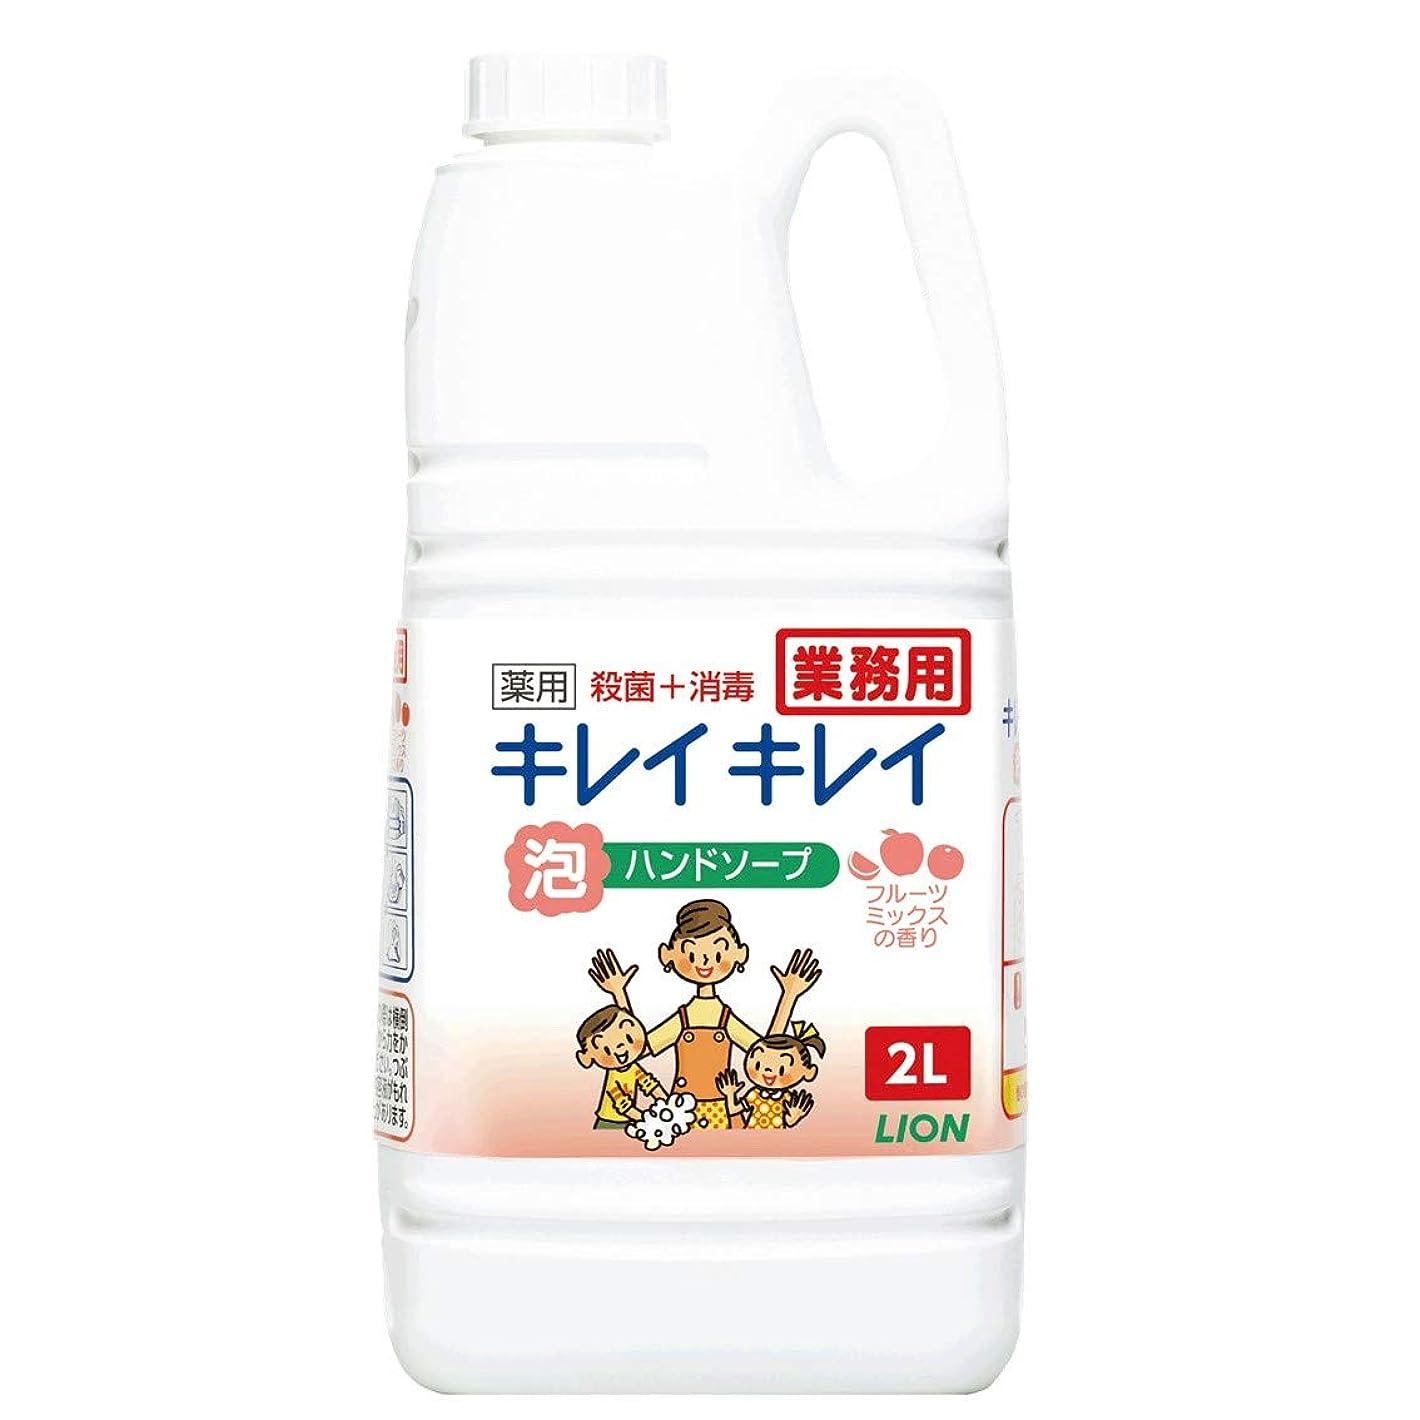 道に迷いましたずるい簡潔な【大容量】キレイキレイ 薬用泡ハンドソープ フルーツミックスの香り 2L